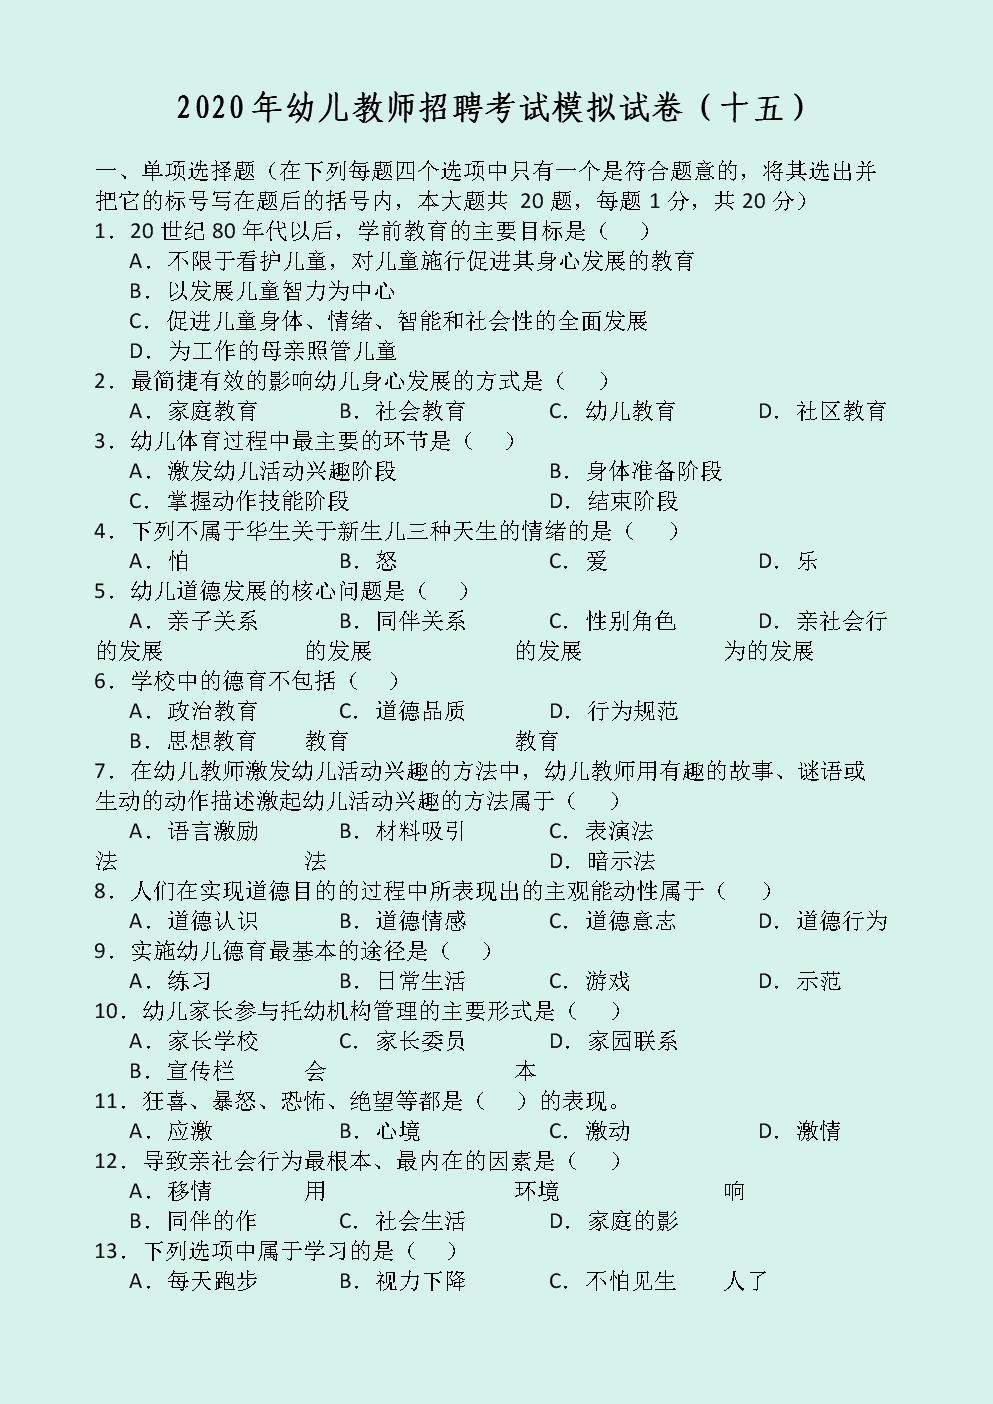 回忆情歌-丁玲(MP3歌词/LRC歌词) lrc歌词下载 第2张